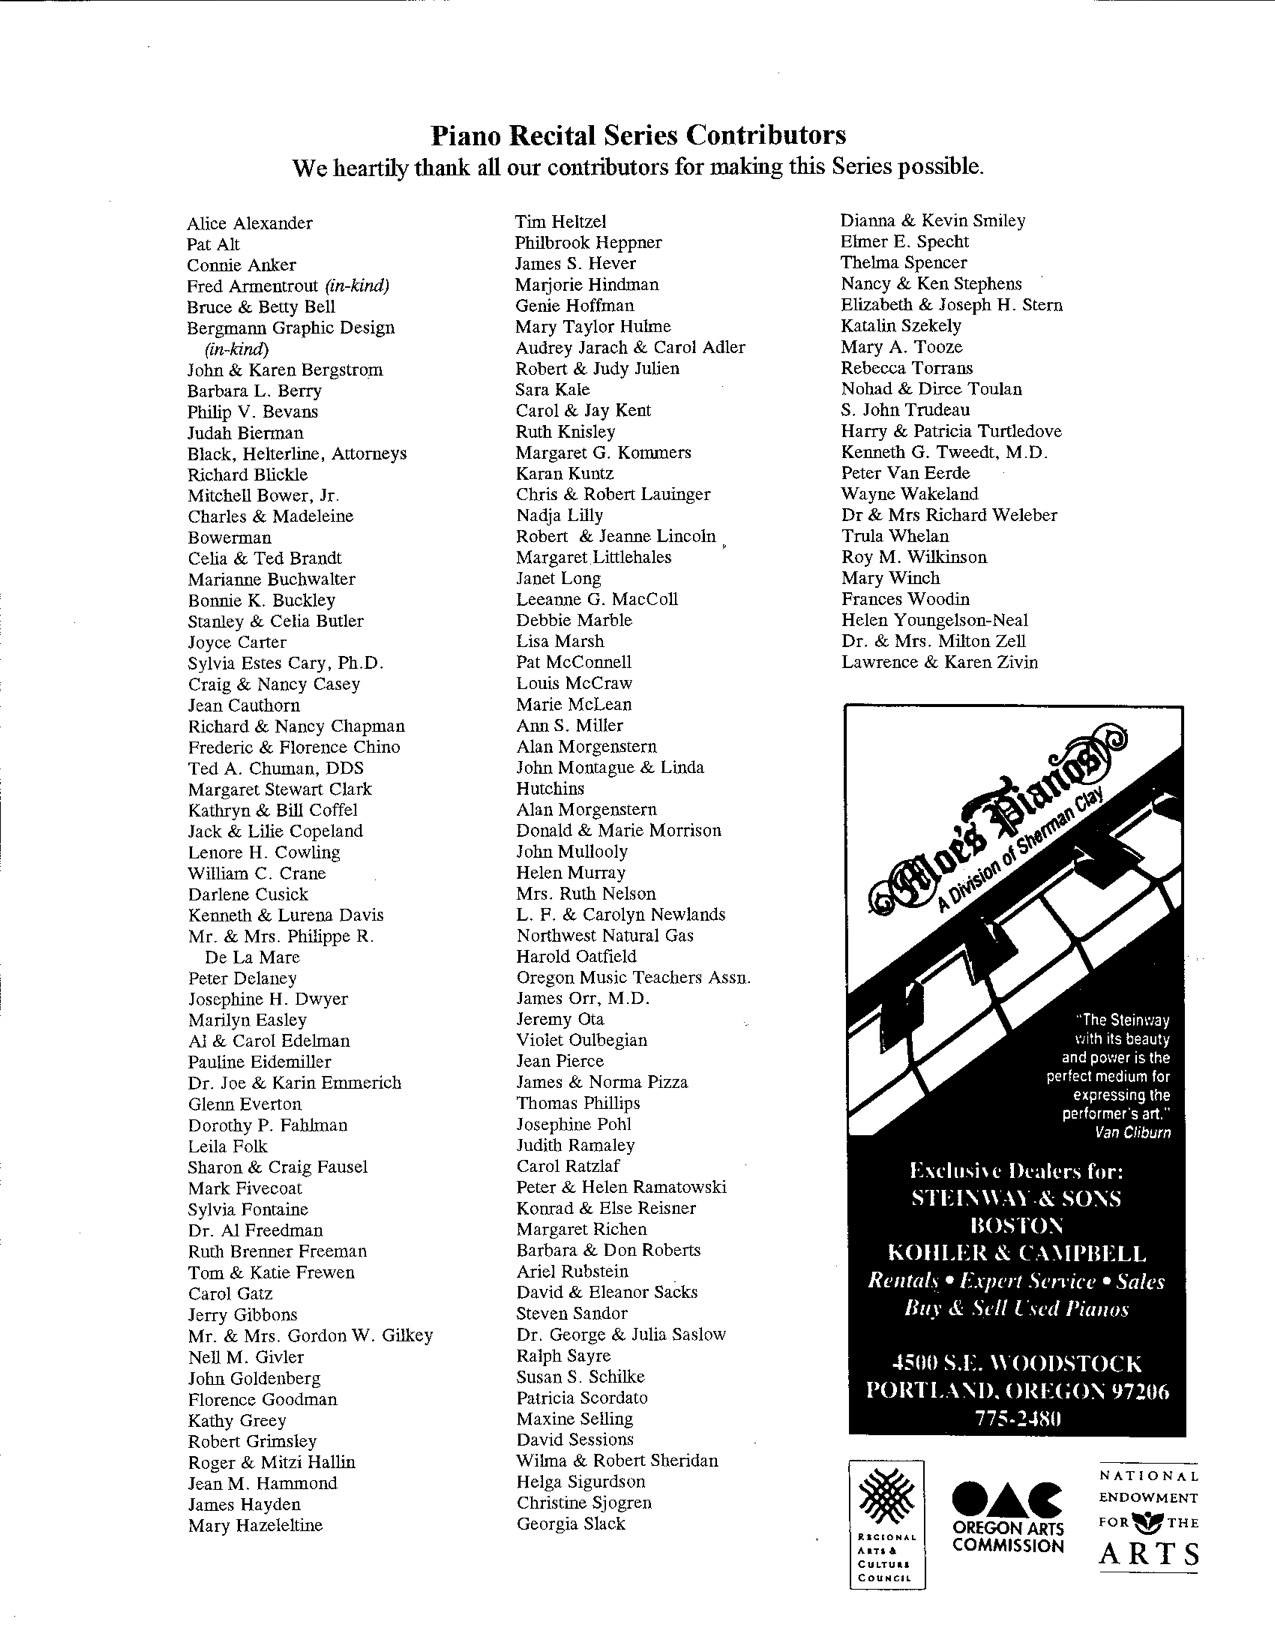 Feinberg95-96_Program6.jpg